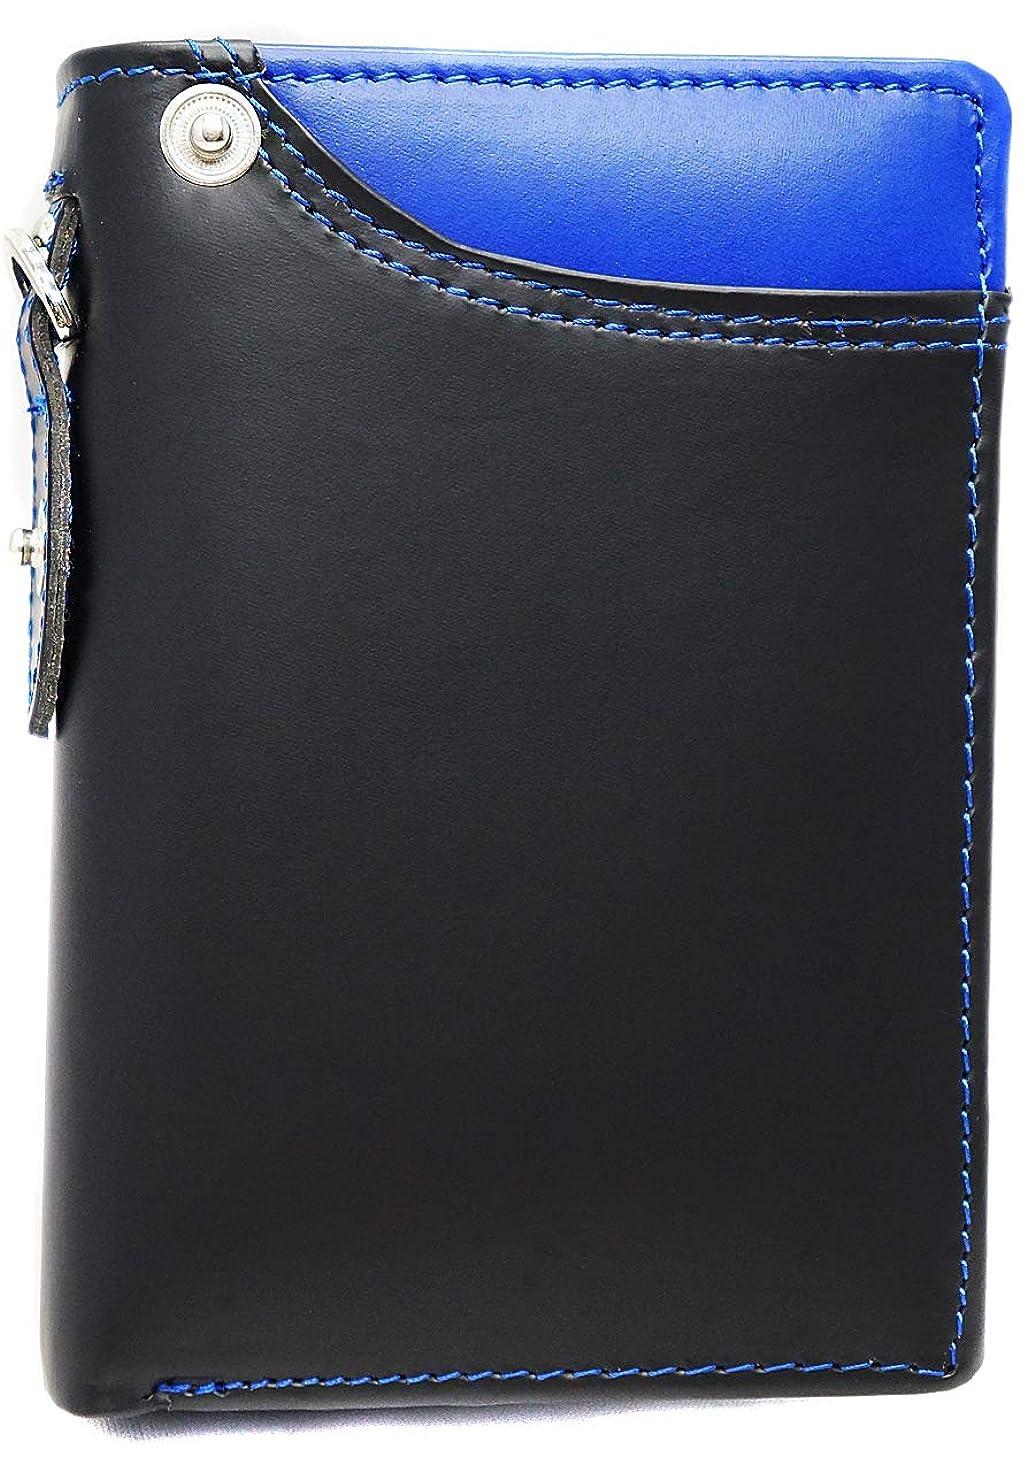 計画店員兵器庫[High-end] 【極上ドイツ製ボンデッドレザー】高級 二つ折り 短財布 ミニ財布 YKK 大容量 ME0299_e